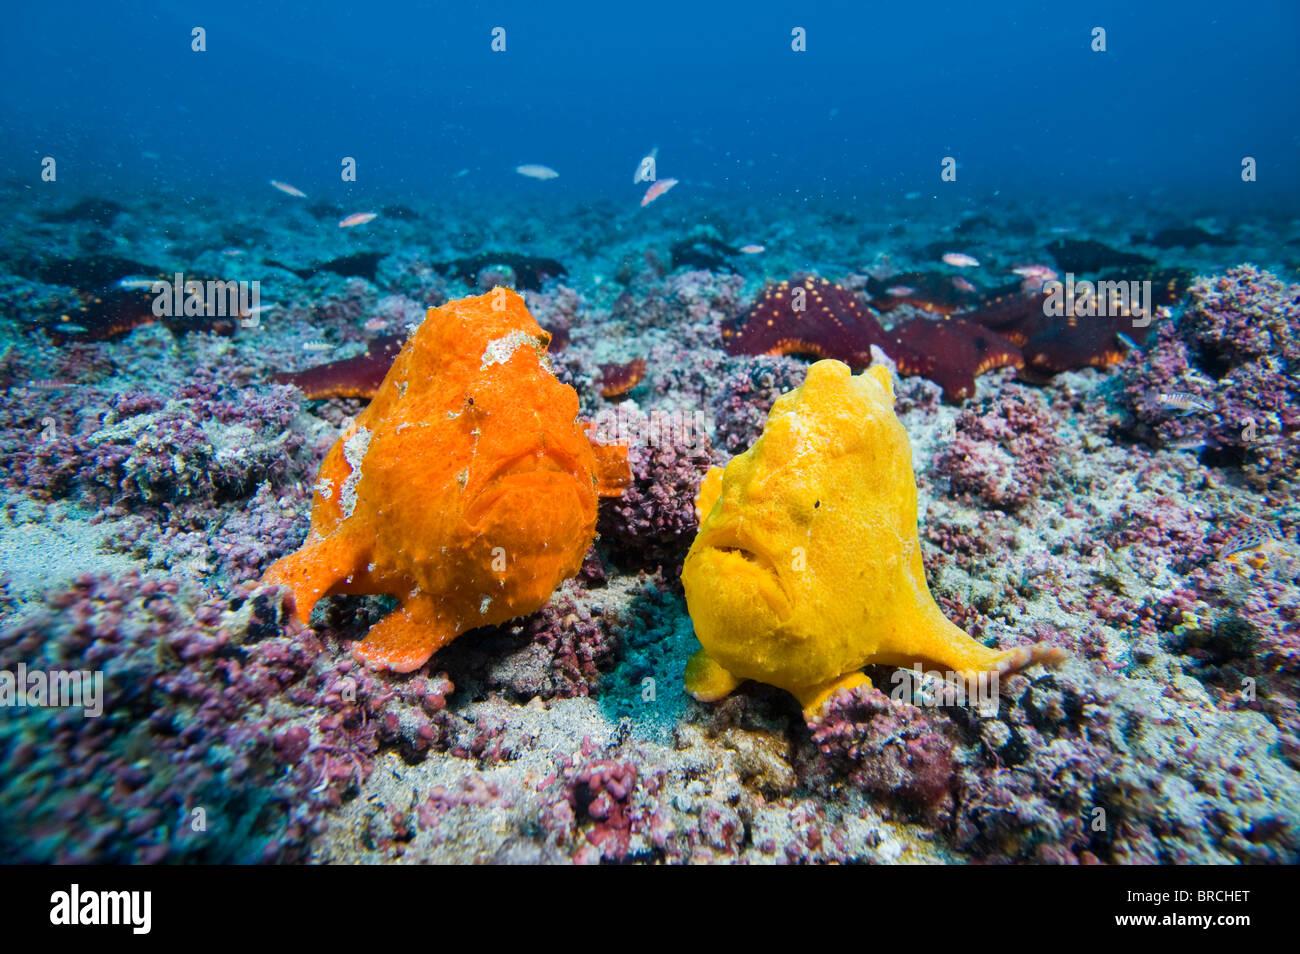 Sanguine frogfish, Antennatus sanguineus, Cocos Island, Costa Rica, East Pacific Ocean - Stock Image